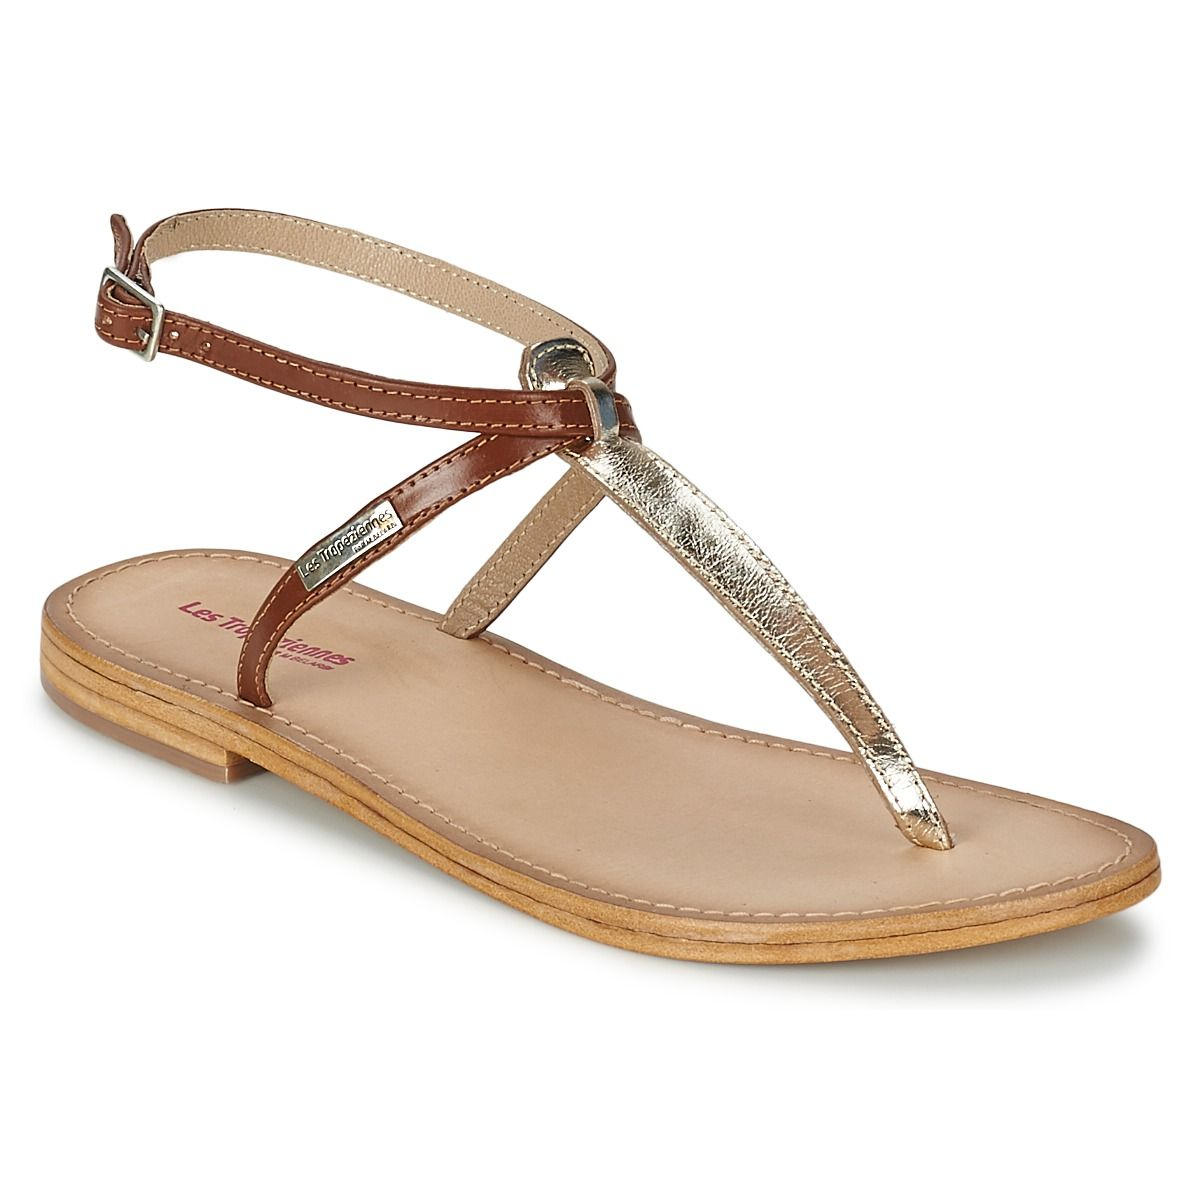 Belarbi Sandale Les Tan Chaussure M Tropéziennes Par Or Nesta ZiOkTwPXu